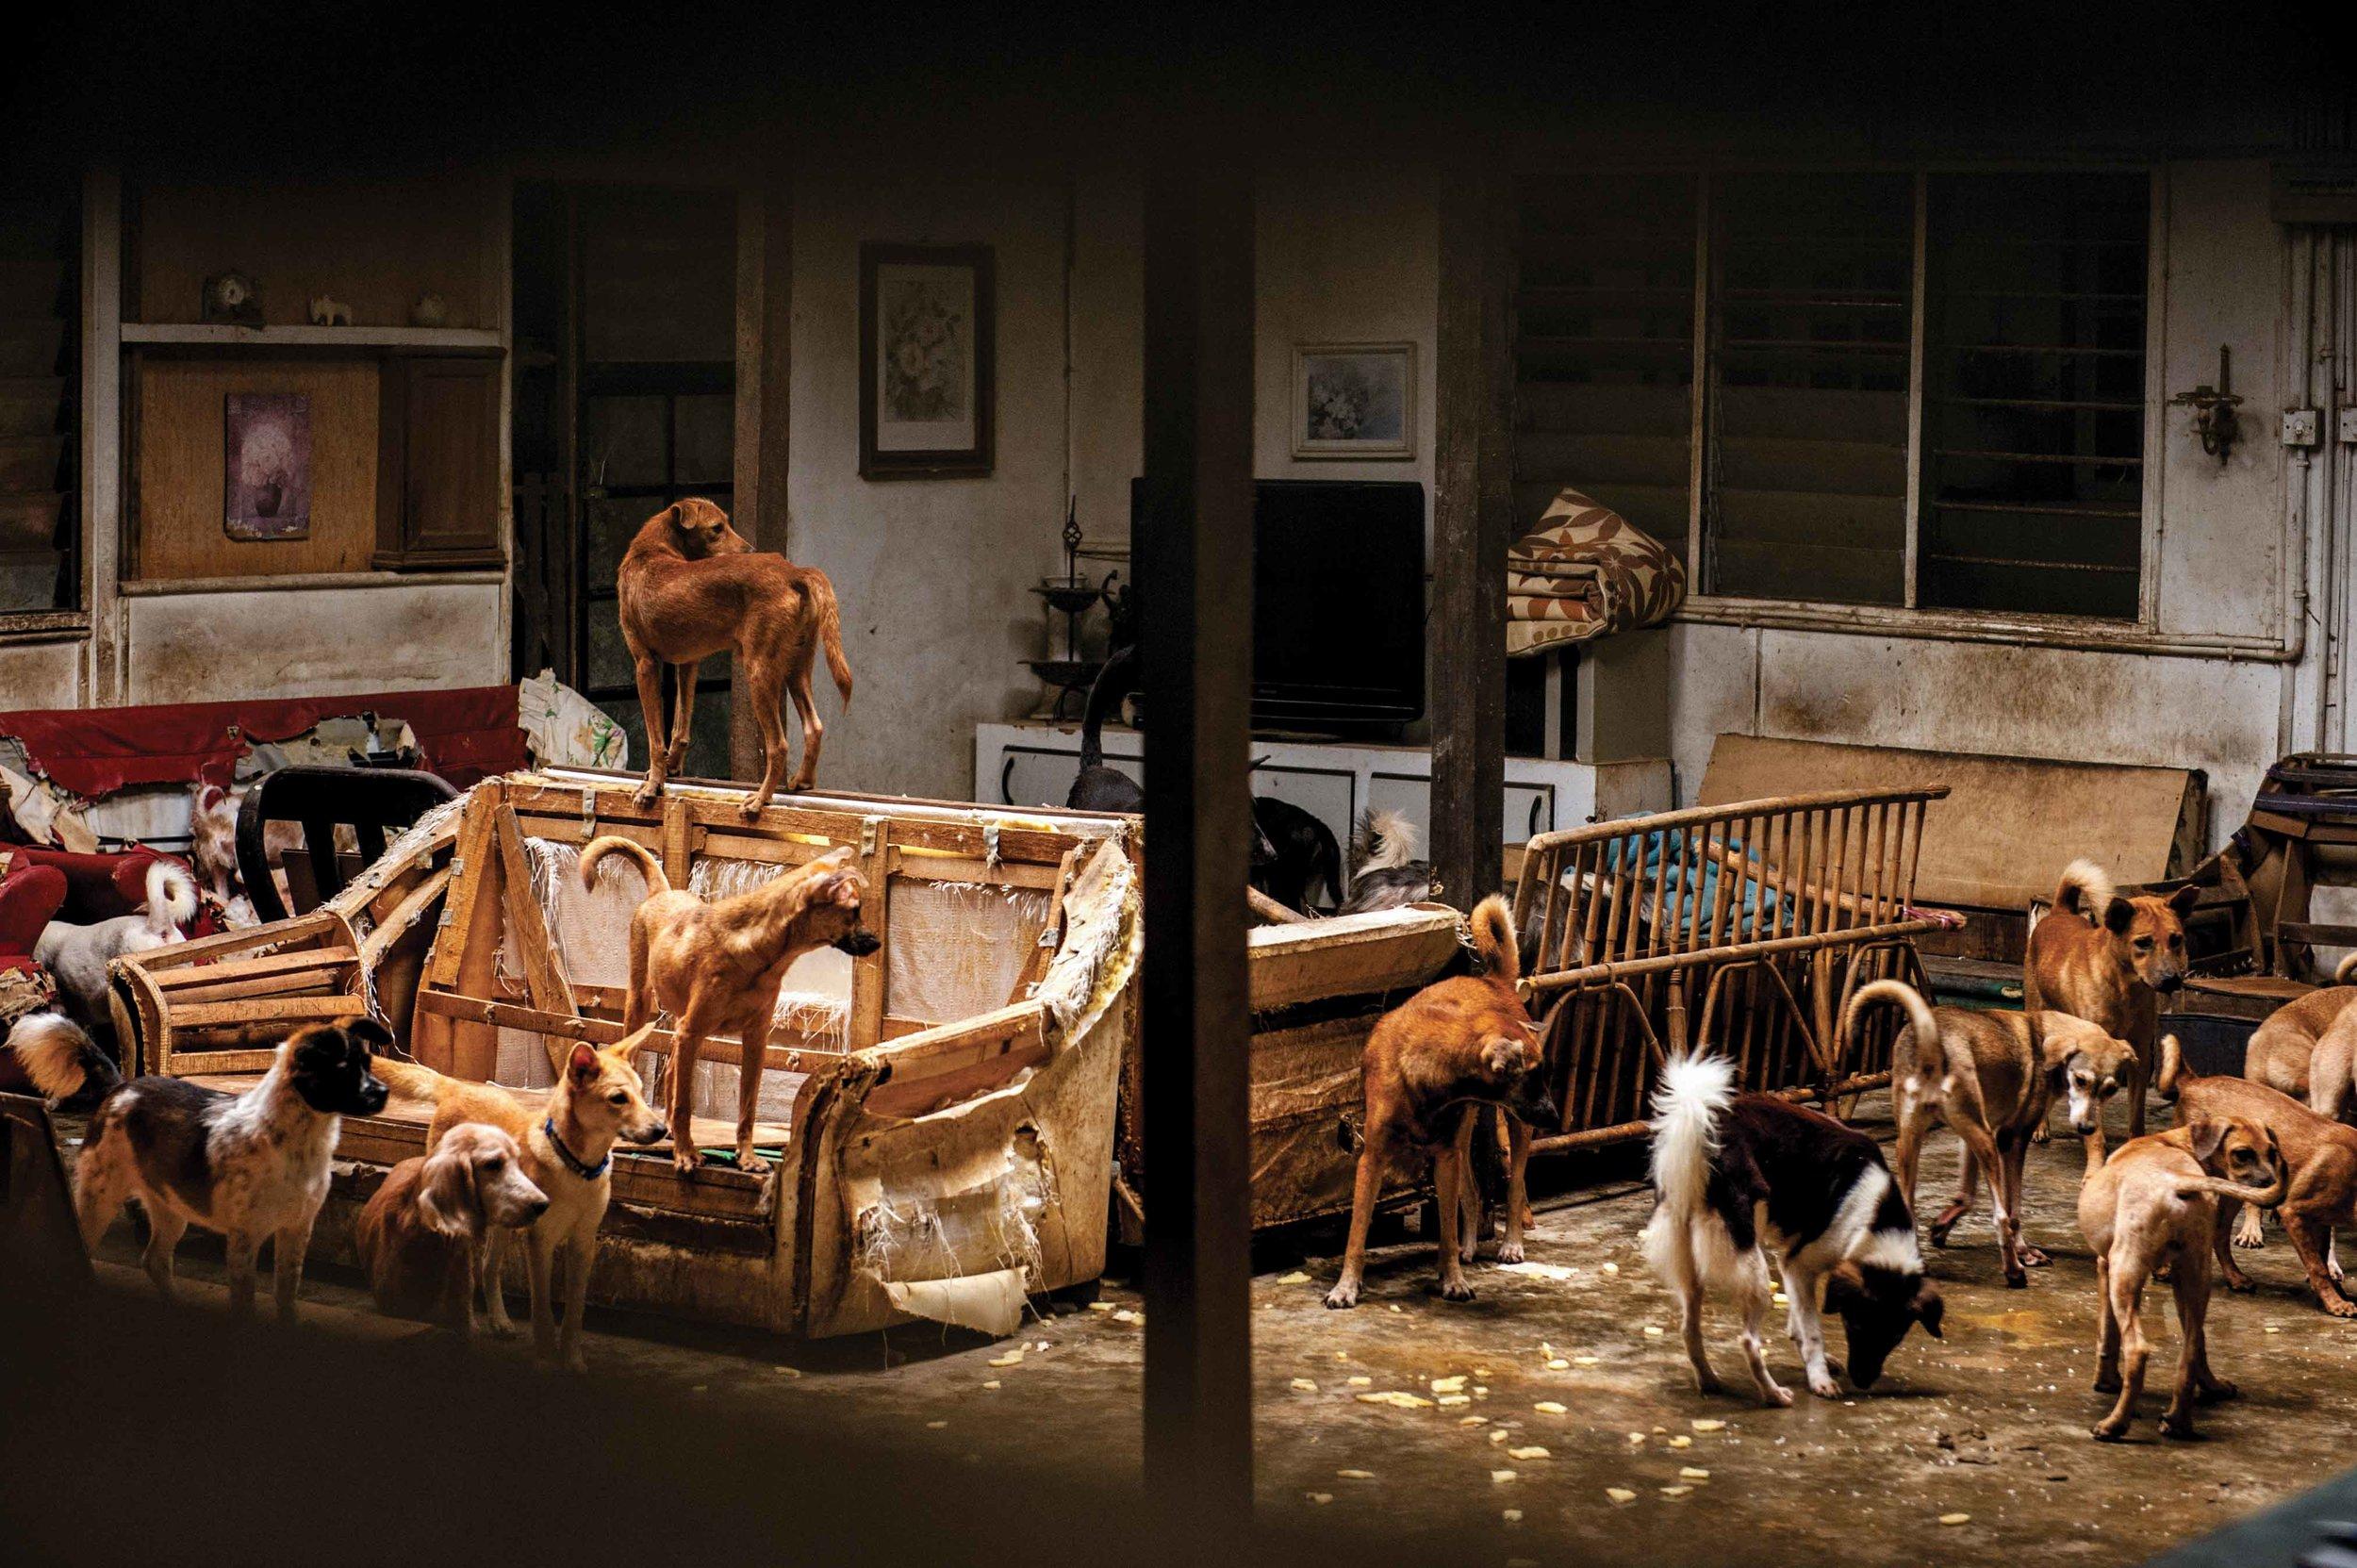 Hounds of Hope, Penang Animal Welfare Society, Malaysia